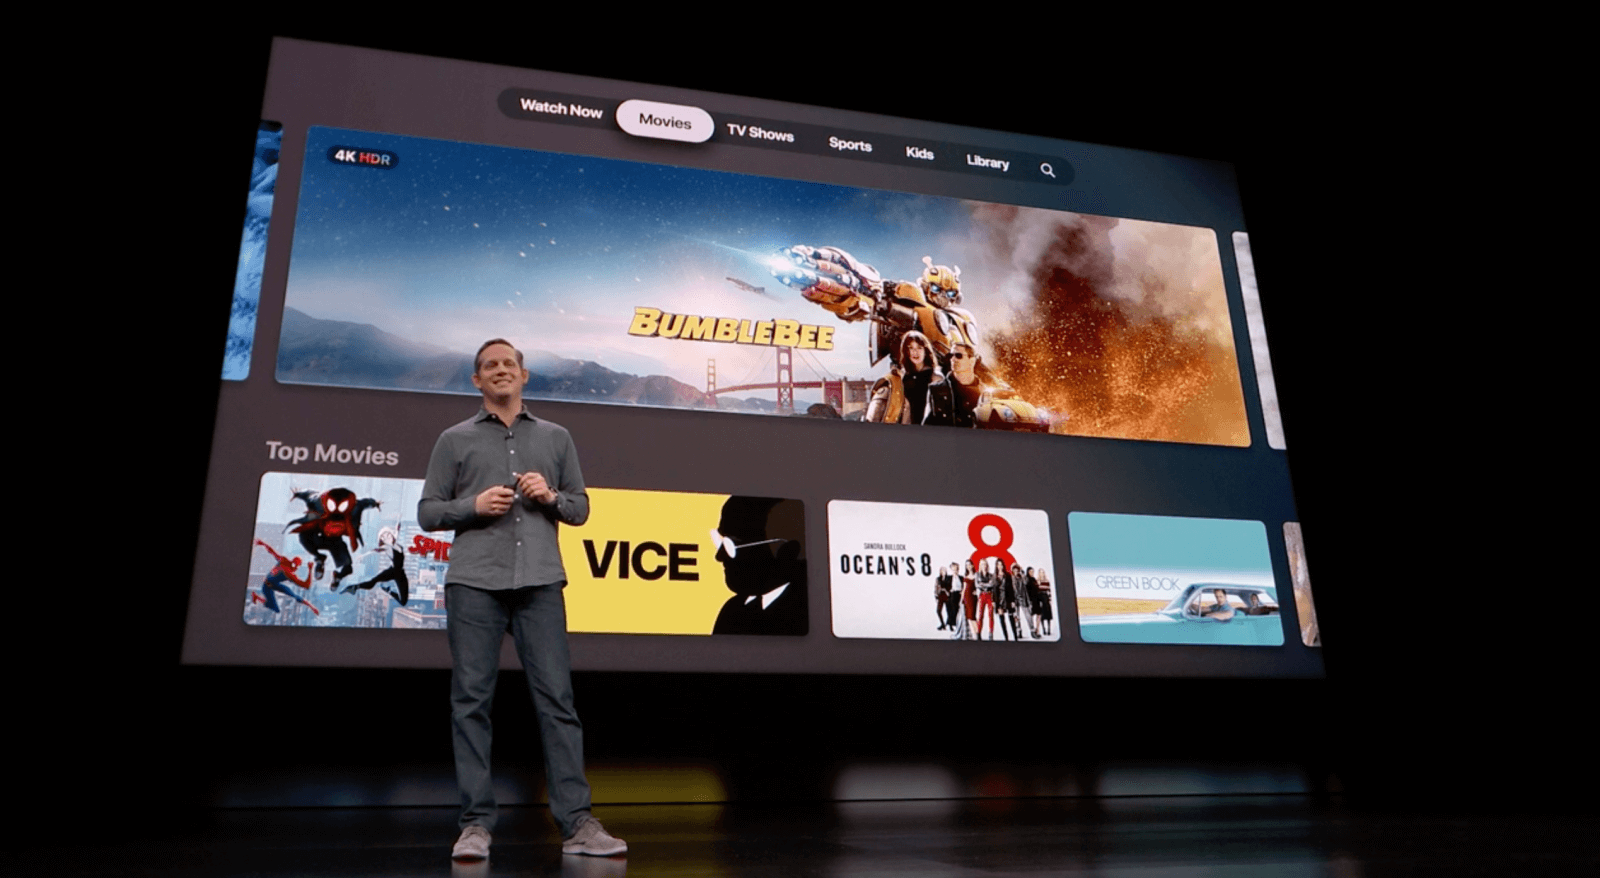 Почему Apple TV+ не смотрят